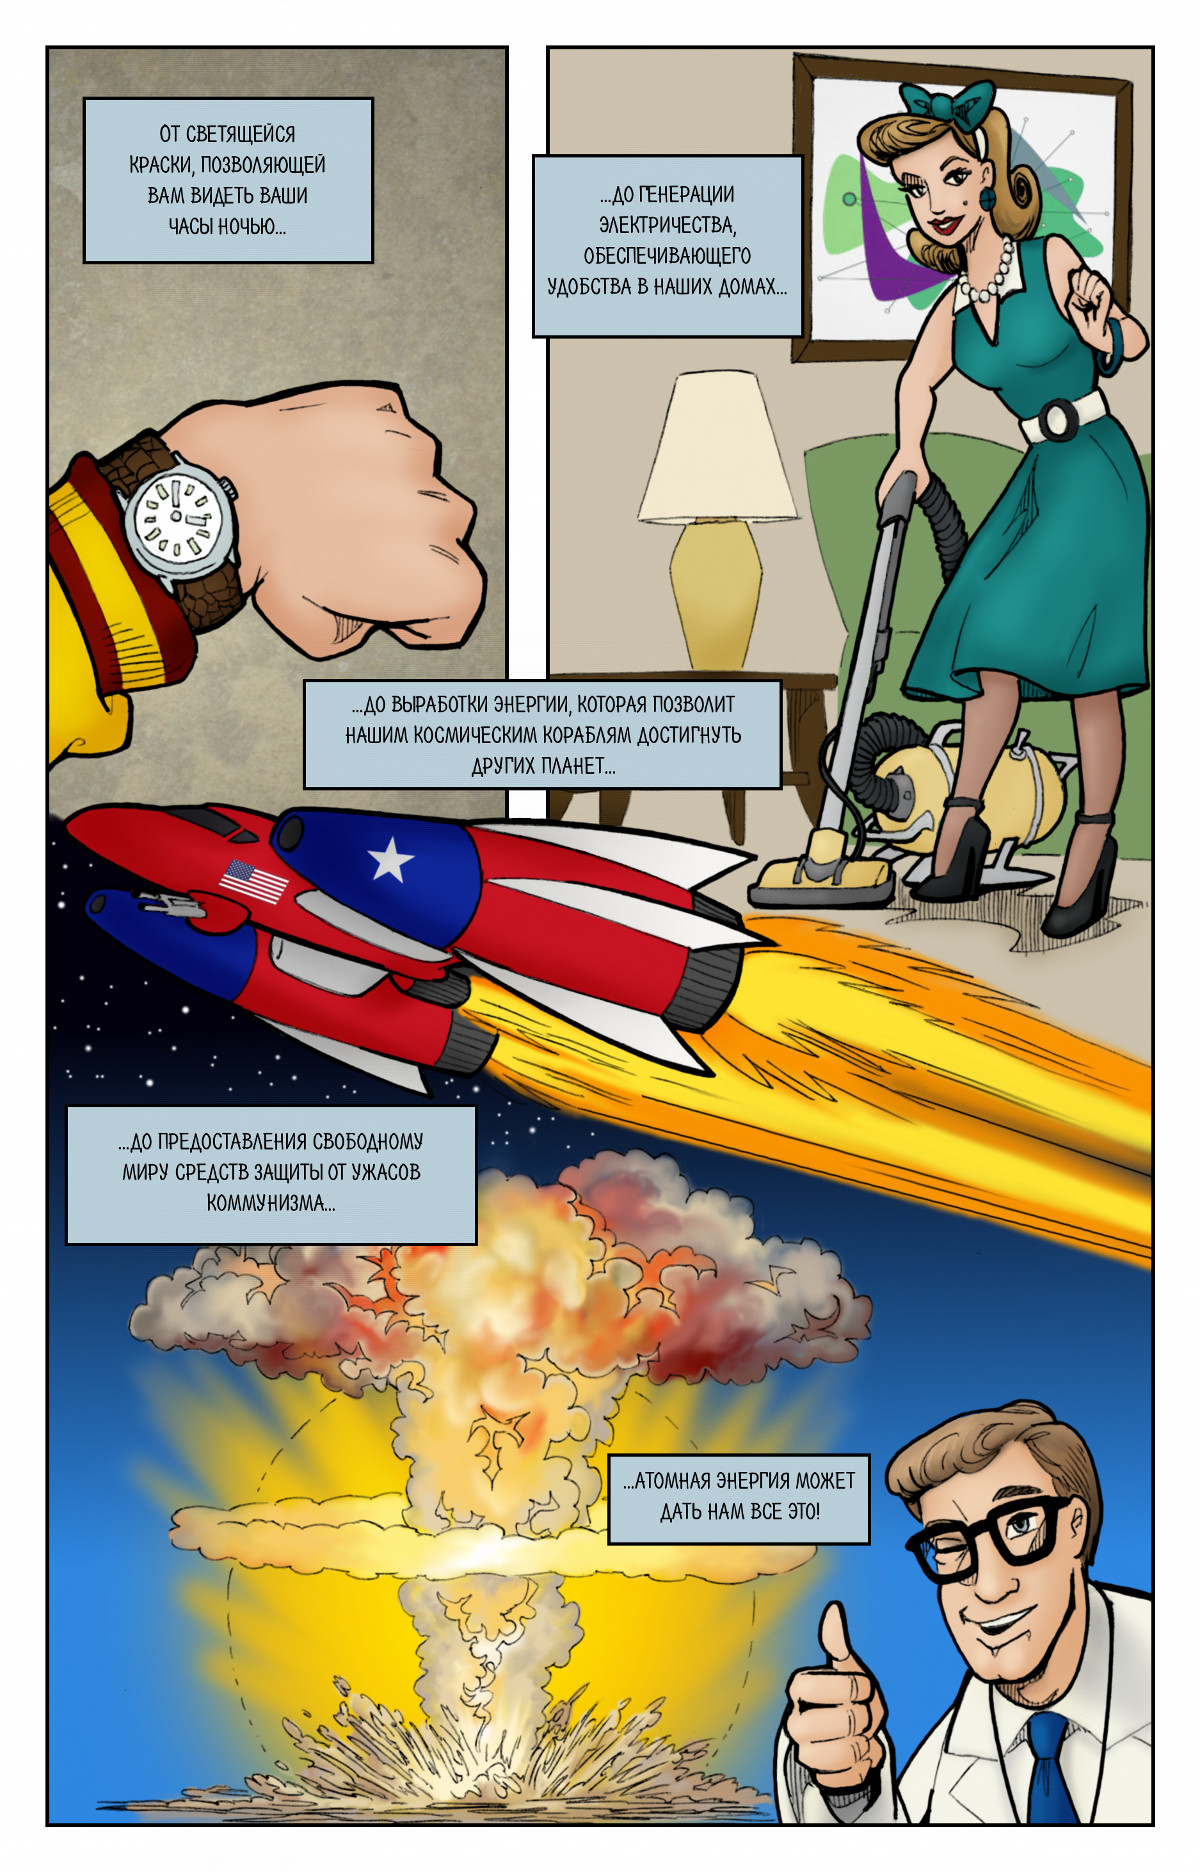 Атомная энергия: есть ли что-нибудь, чего она не может сделать?